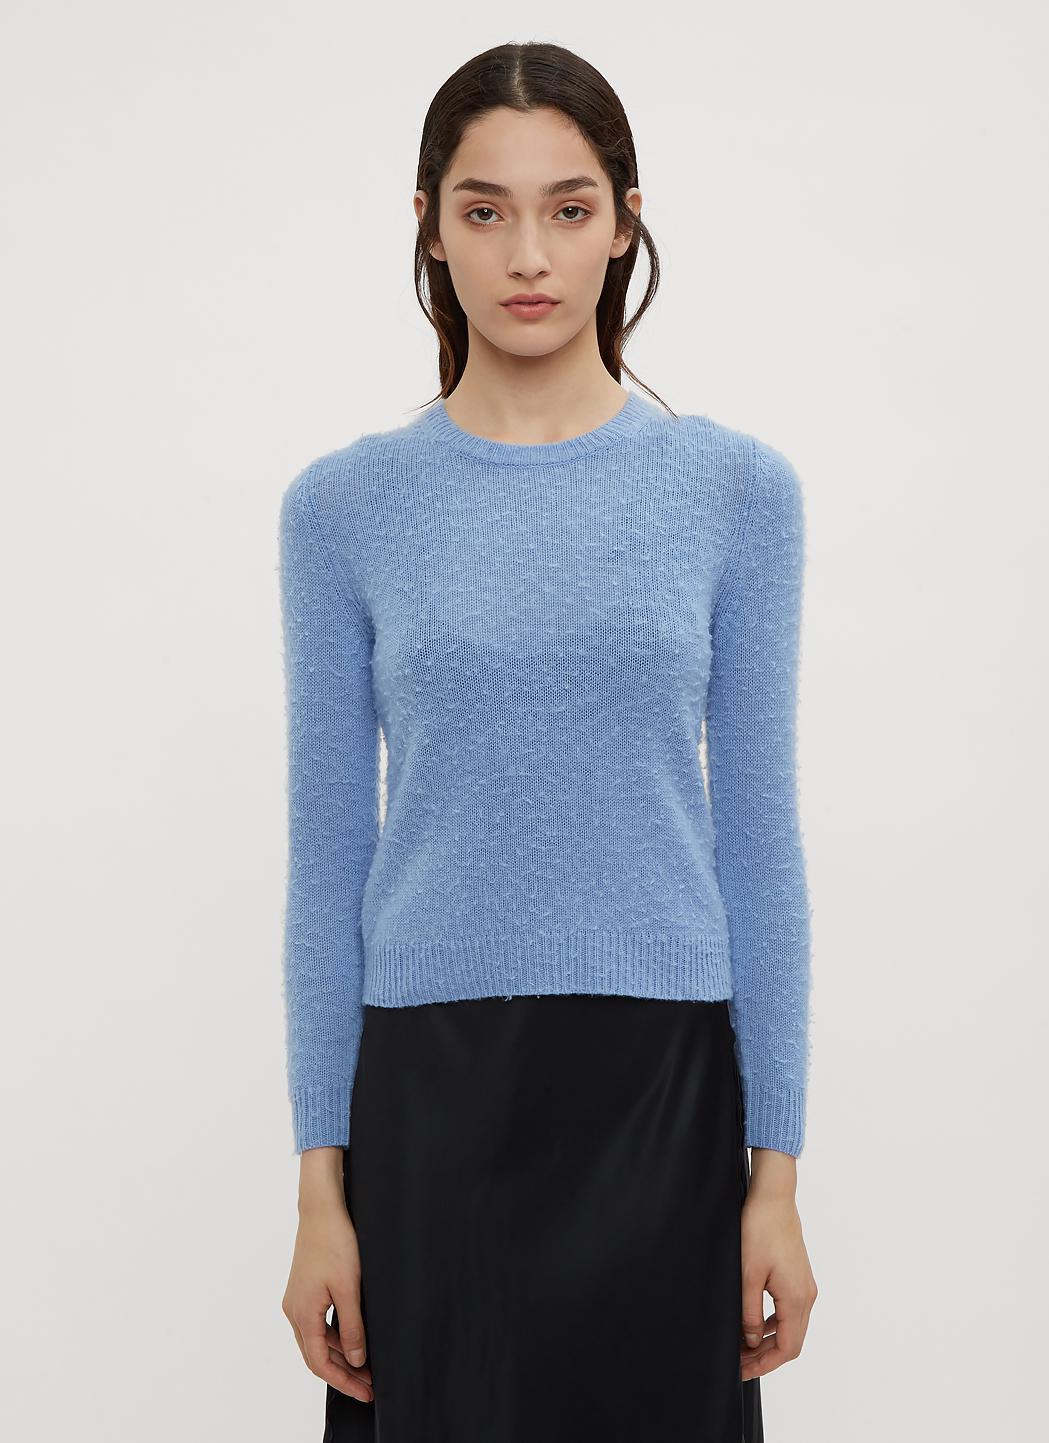 Acne Studios Shrunken Fit Sweater In Blue in Blue - Lyst eac55244022